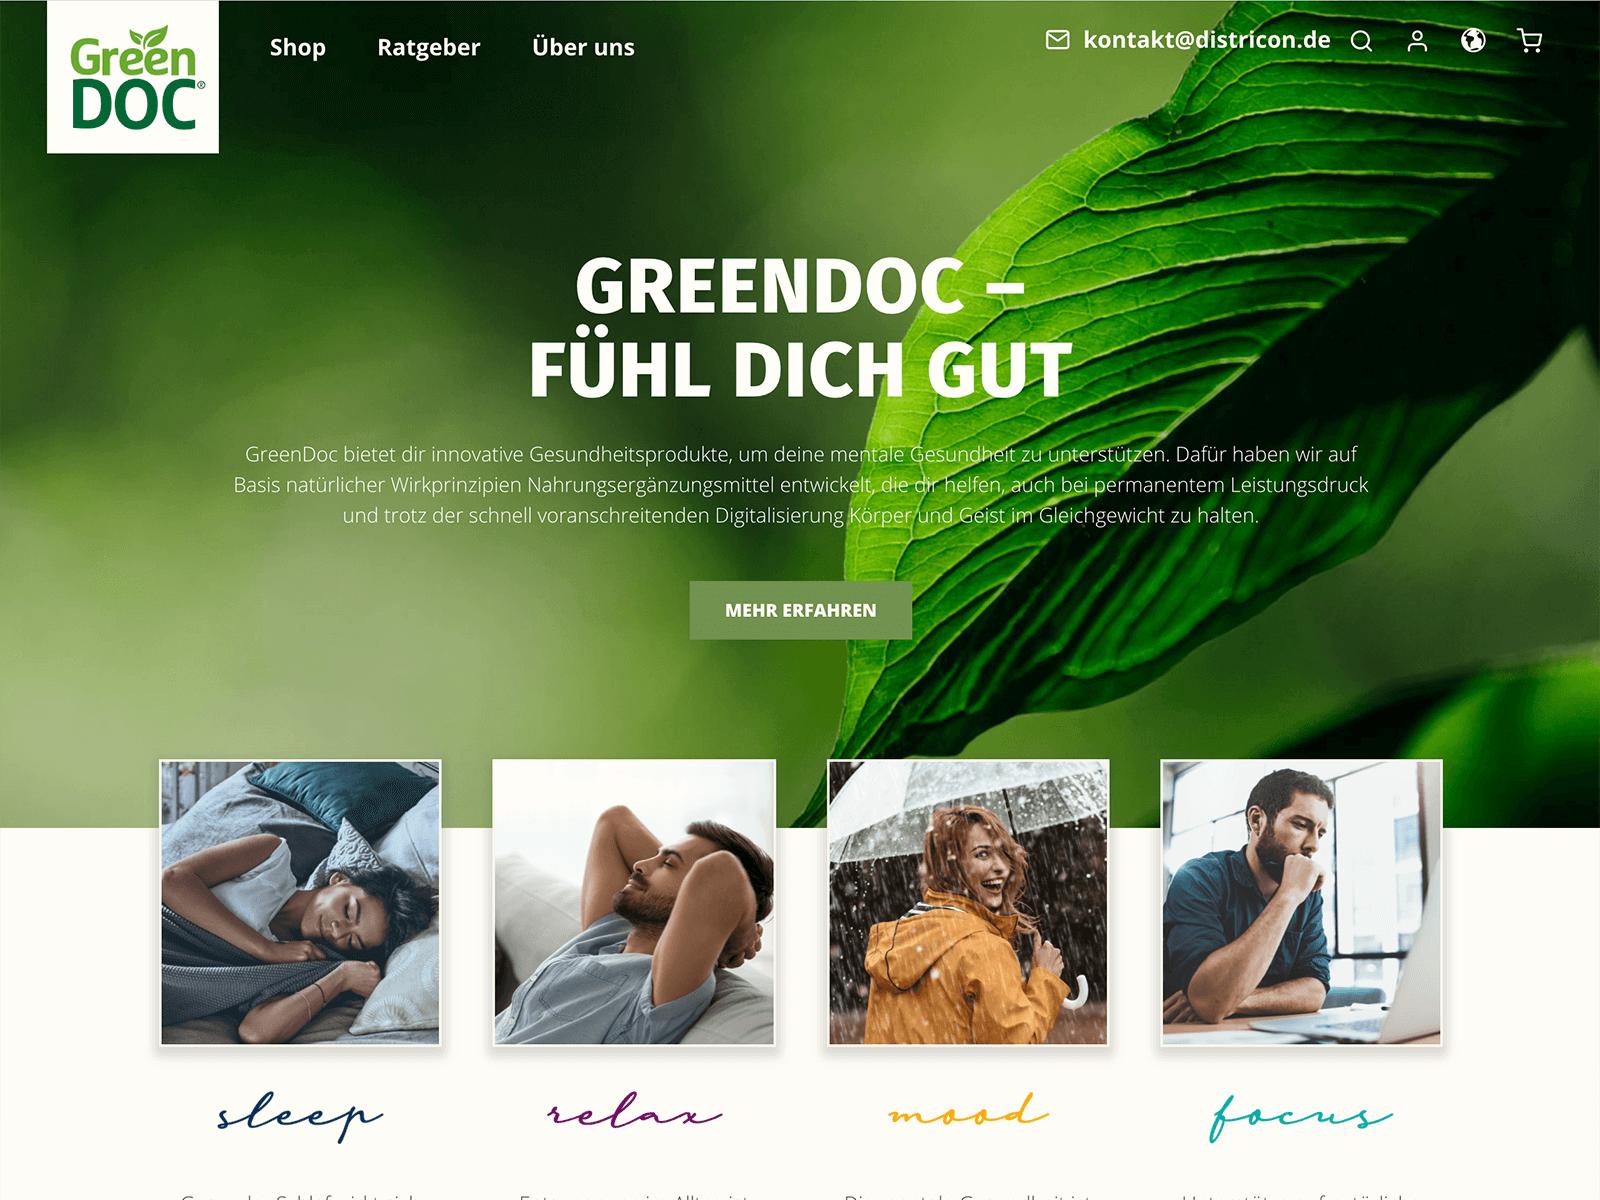 Shopware 5 Shopentwicklung Greendoc / Districon